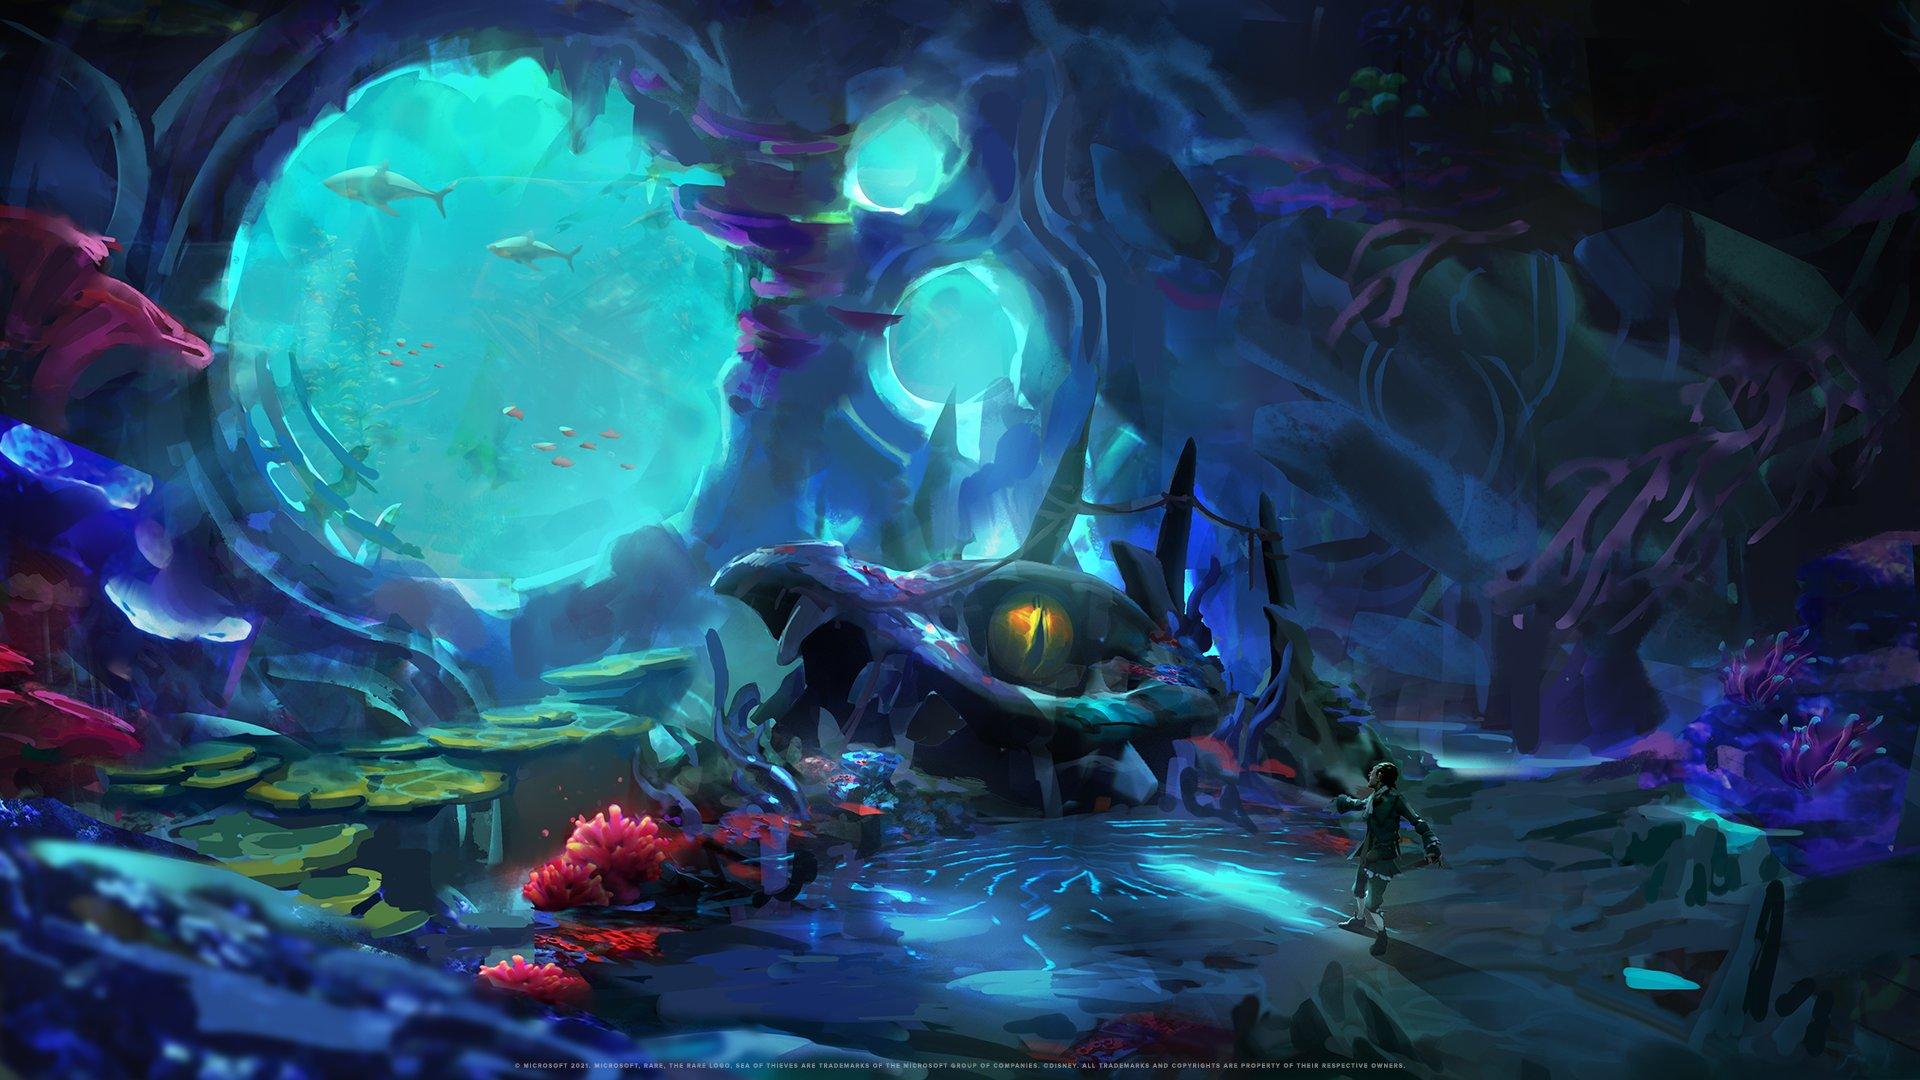 水底沉船氛围拉满!《盗贼之海》新地点概念艺术图赏